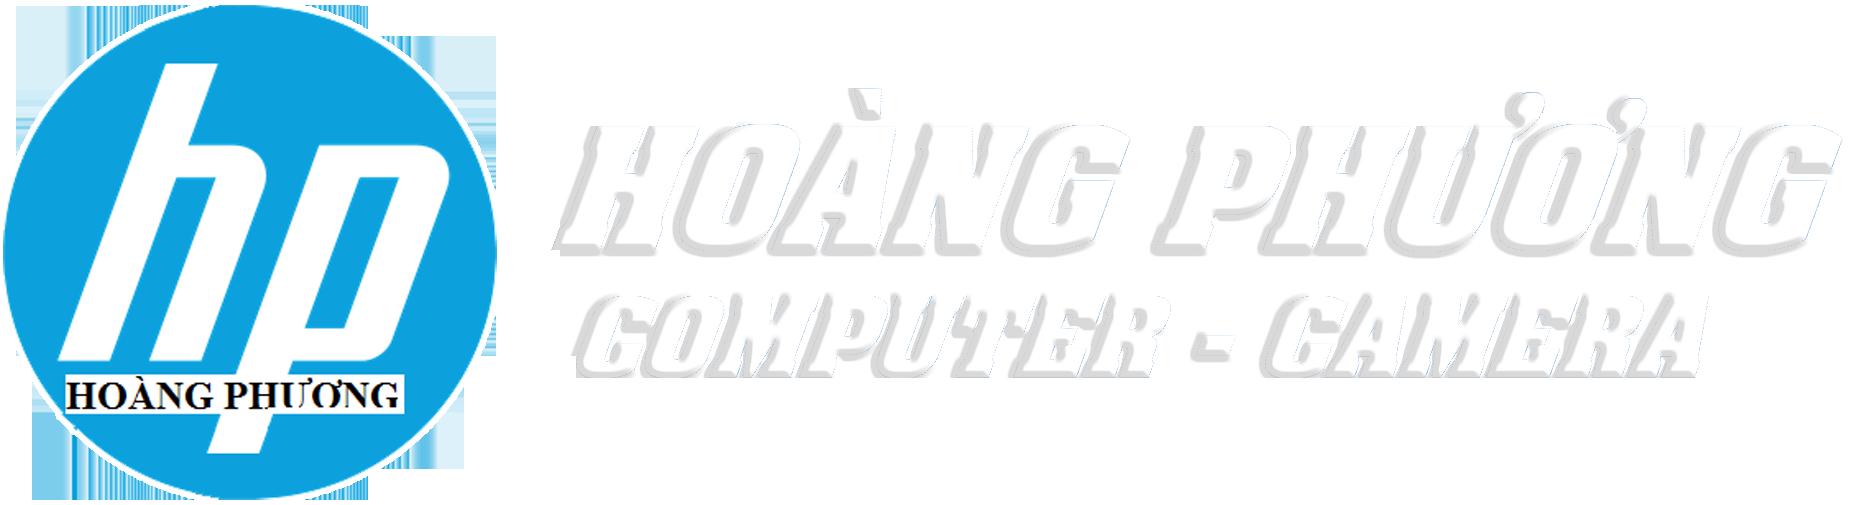 HOÀNG PHƯƠNG COMPUTER